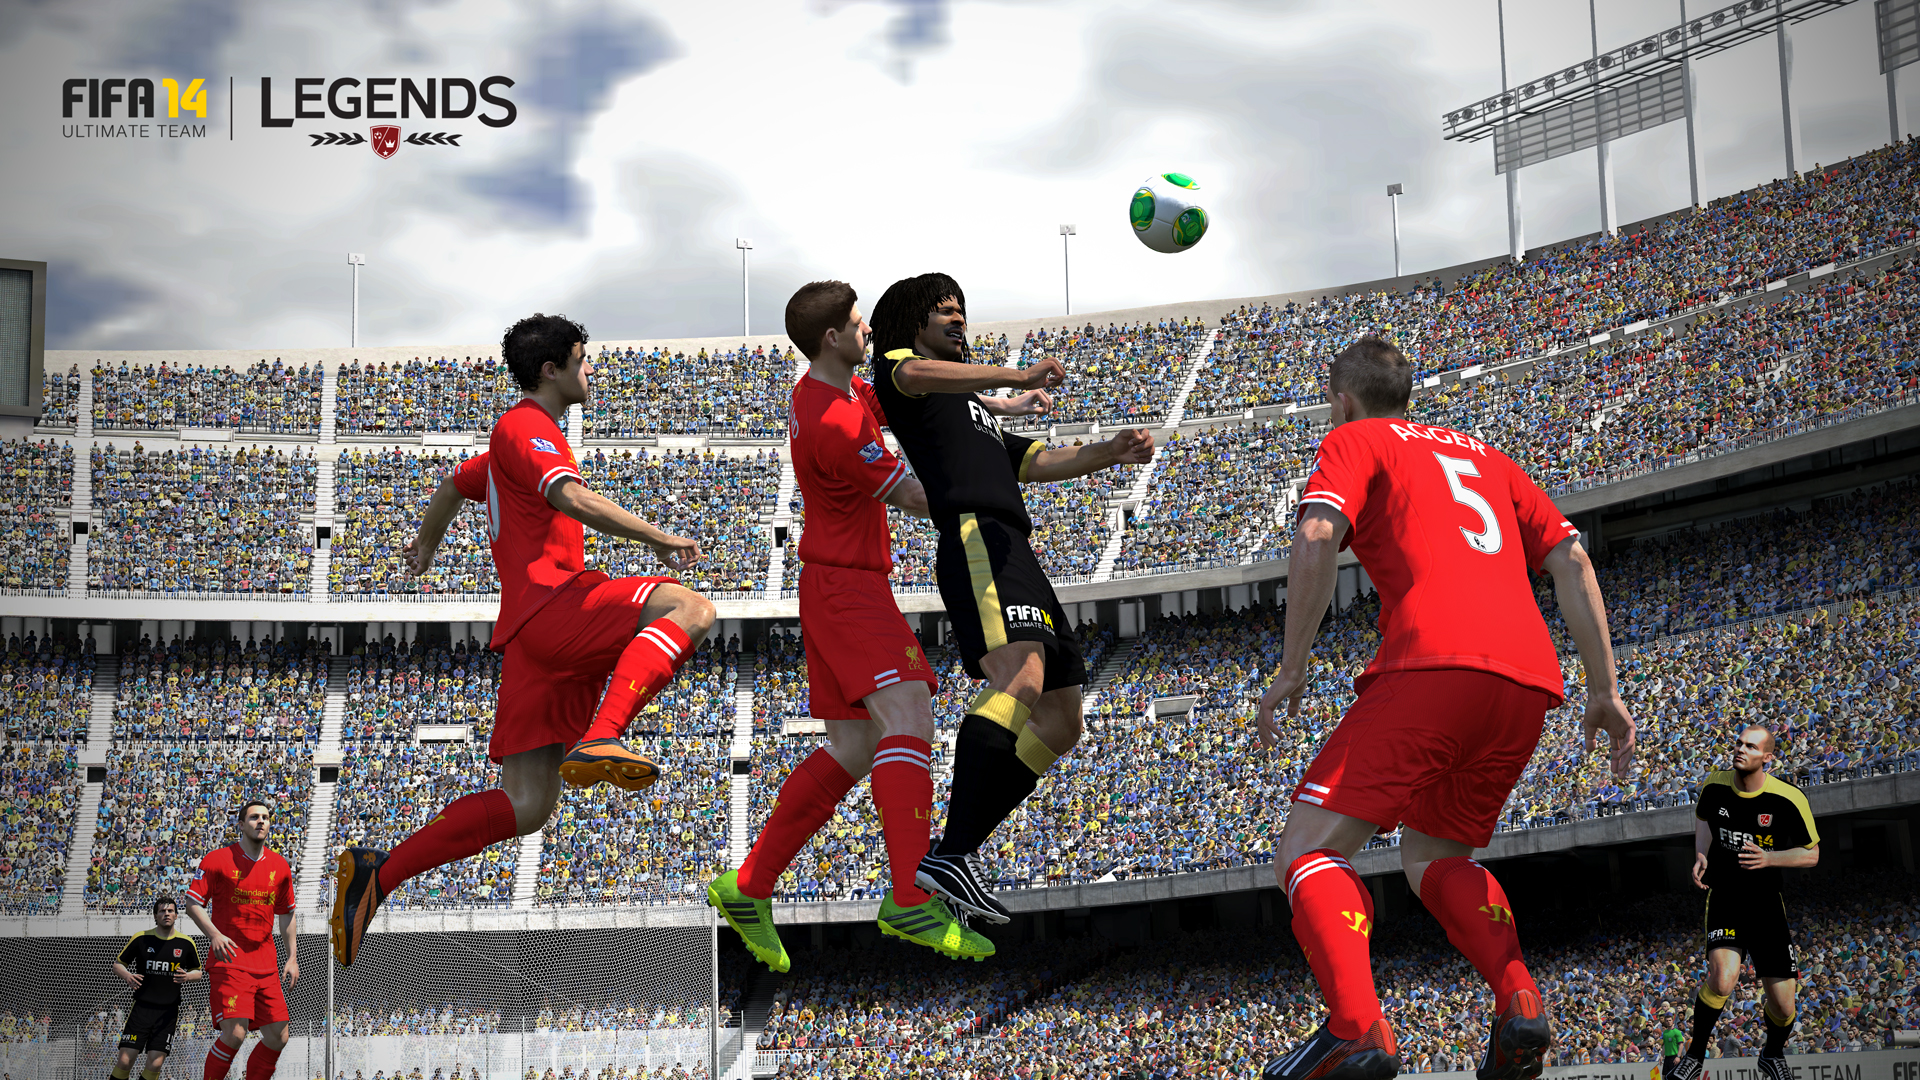 Obrázky z next-gen verze FIFA 14 ukazují FUT Legends a vymazlenější grafiku 89207